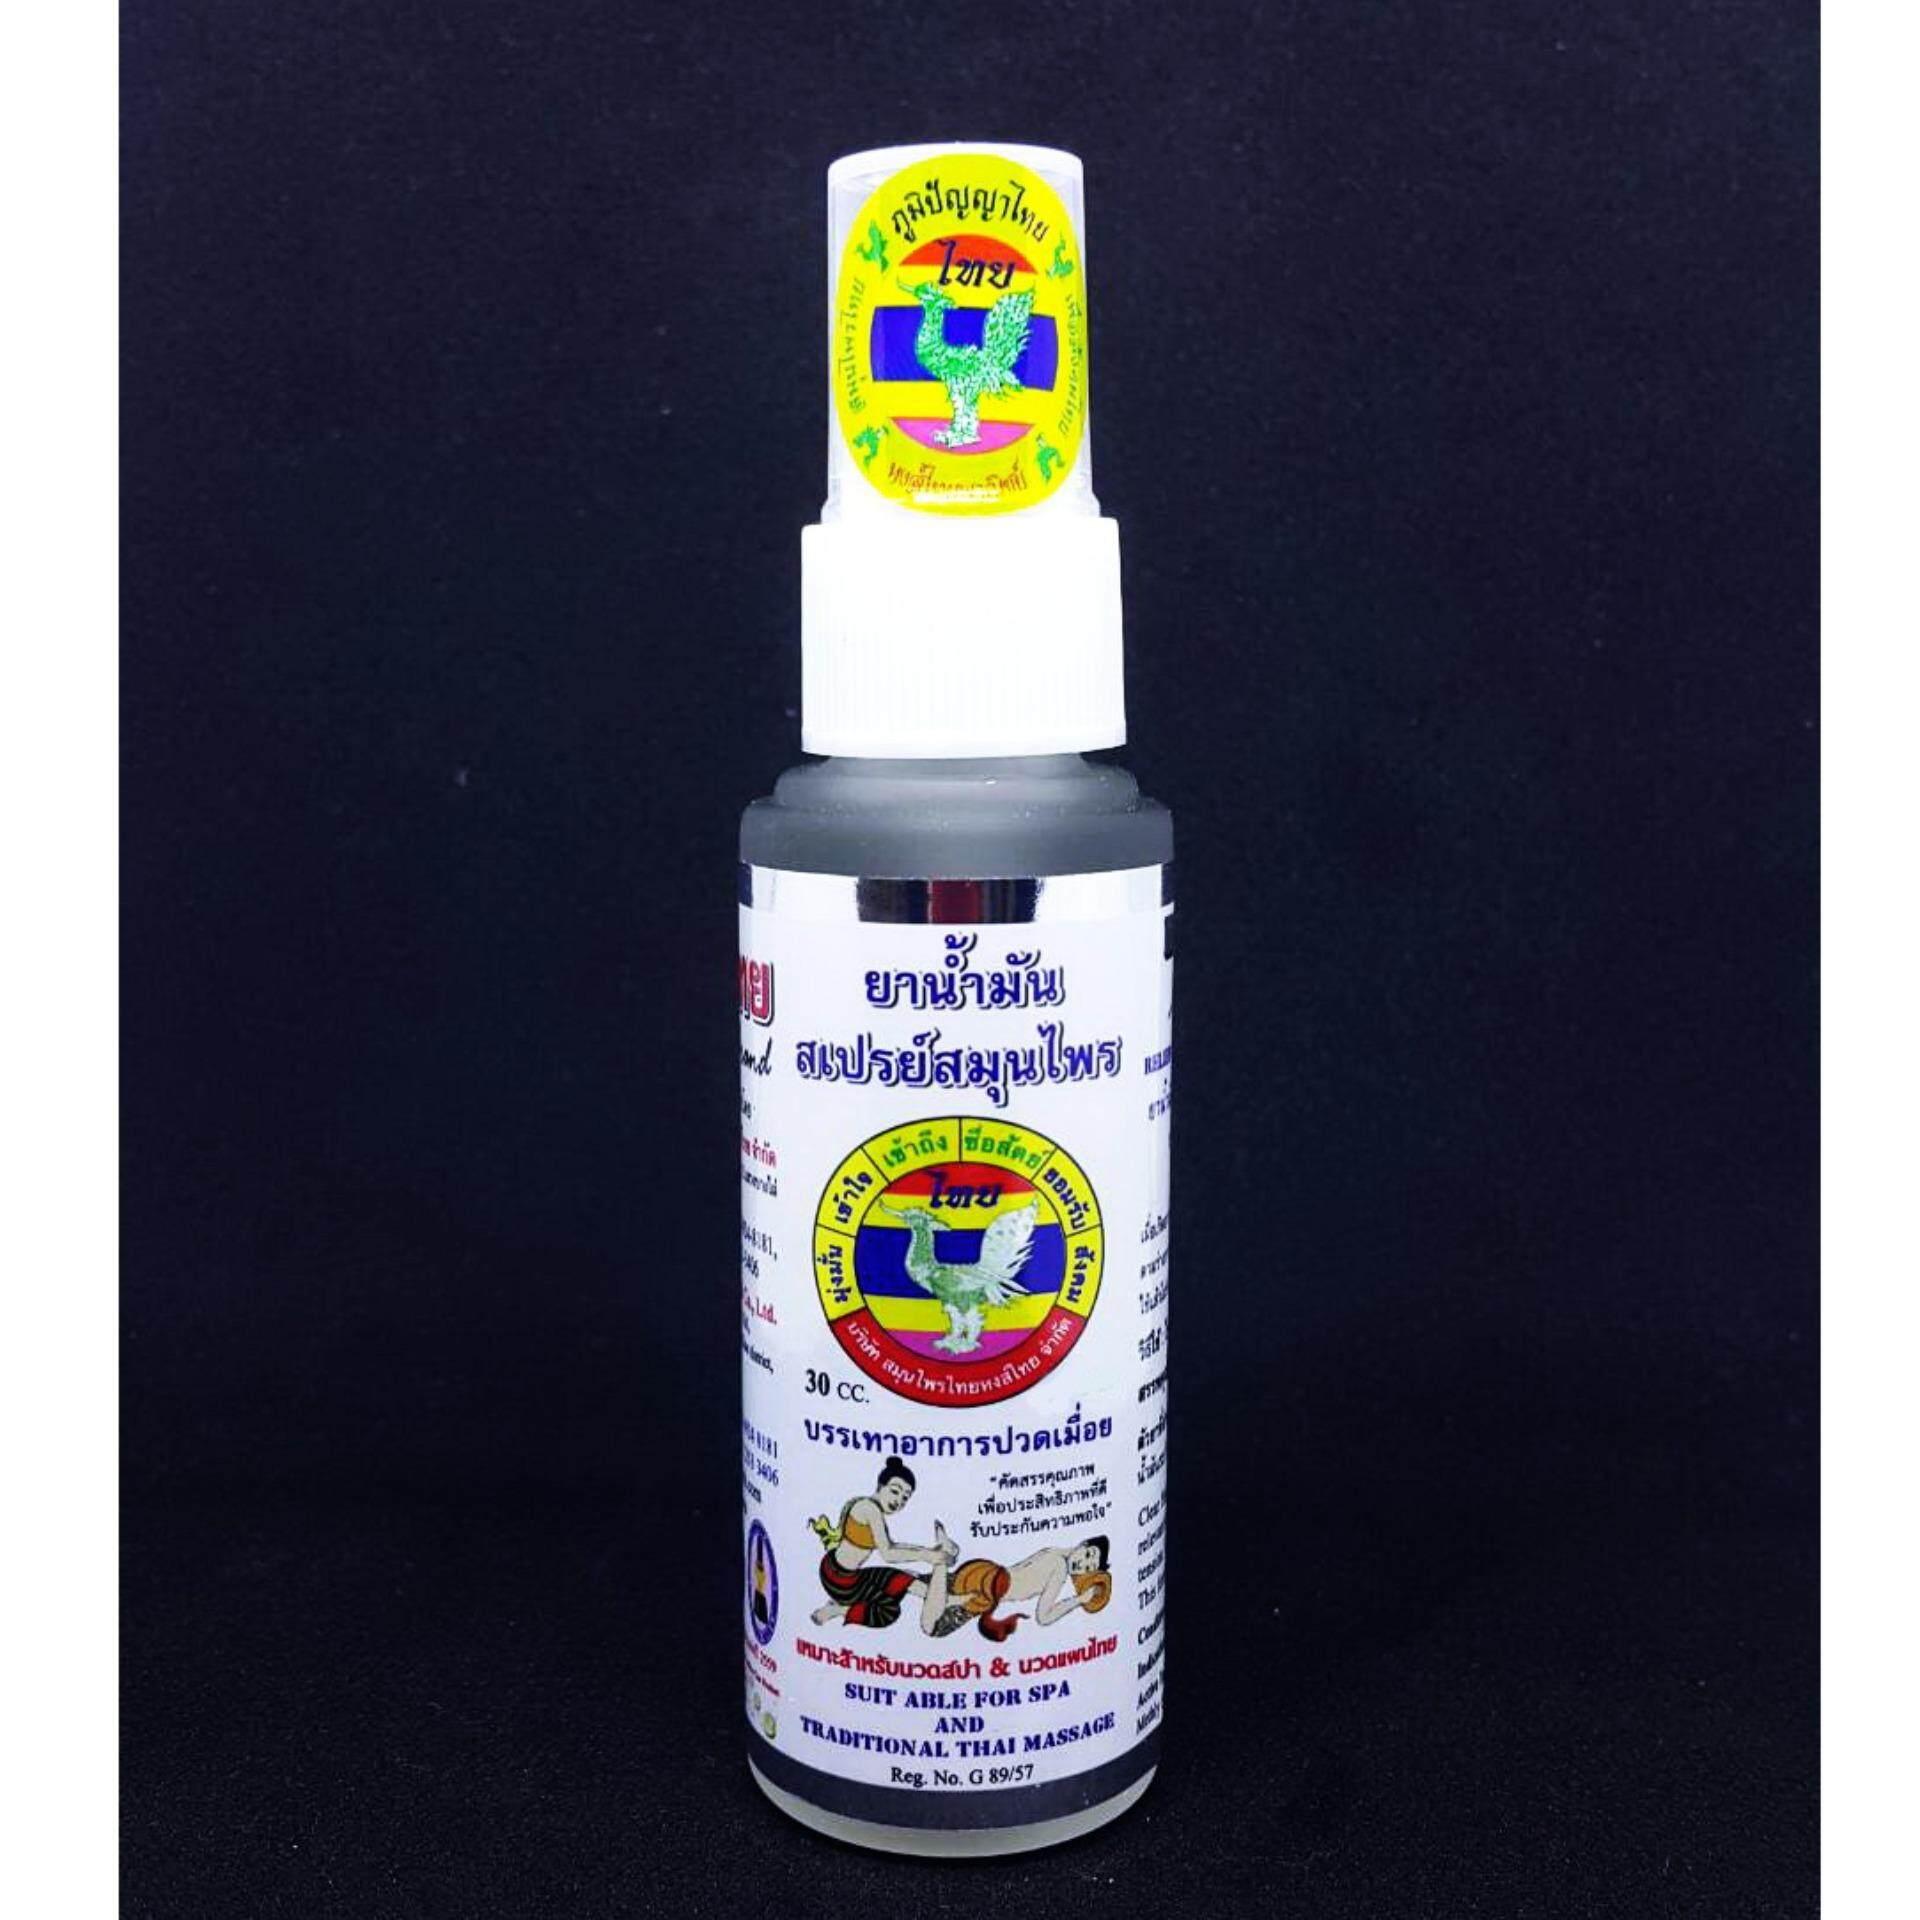 ยาน้ำมันสเปรย์สมุนไพร บรรเทาปวดเมื่อย หงส์ไทย (30 Cc)  กล่องขาว.